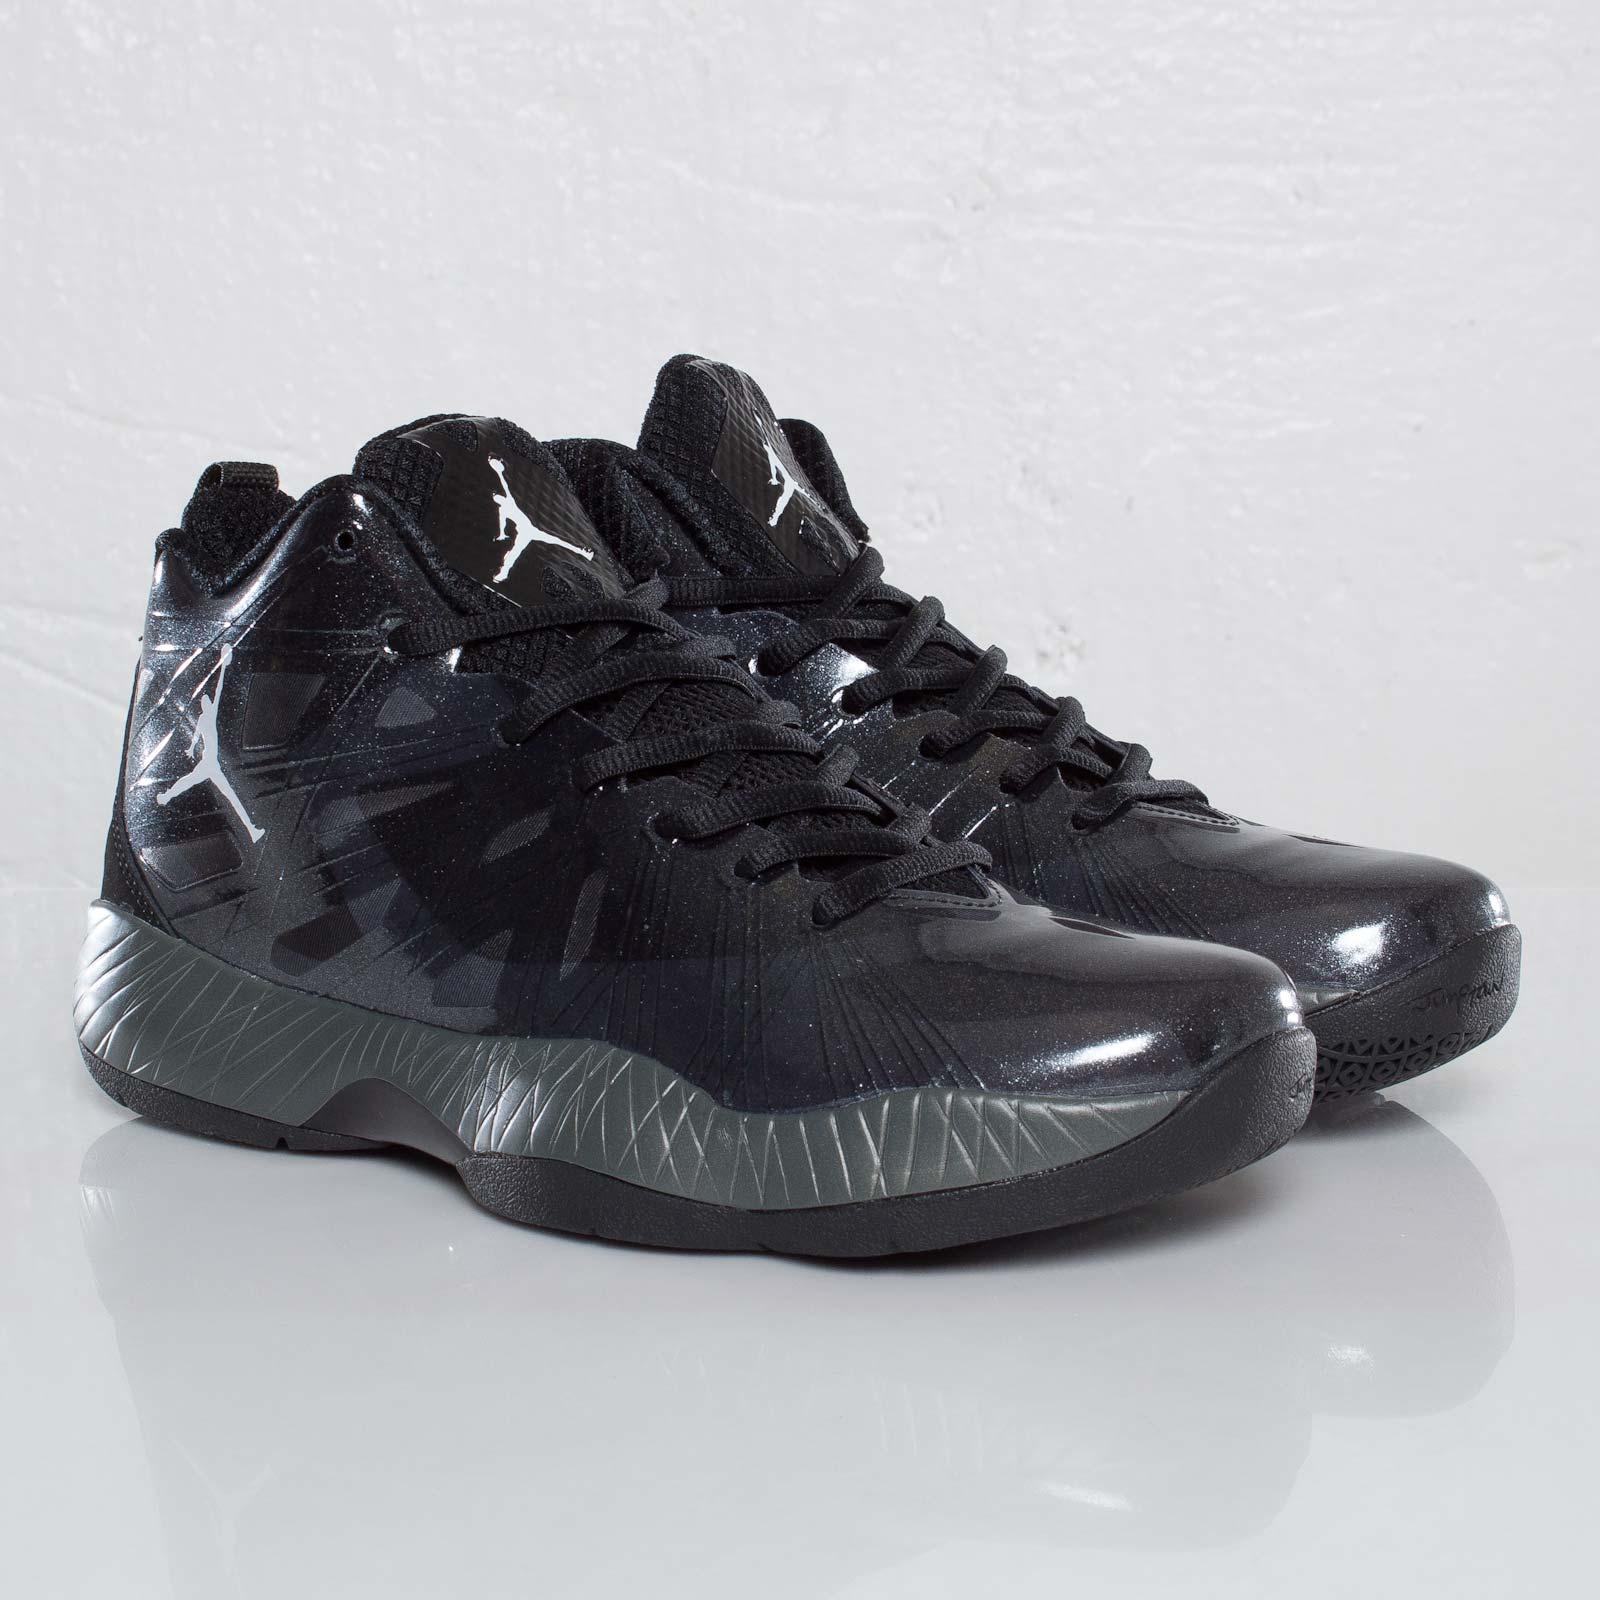 Nike Air Jordan 2012 Lite